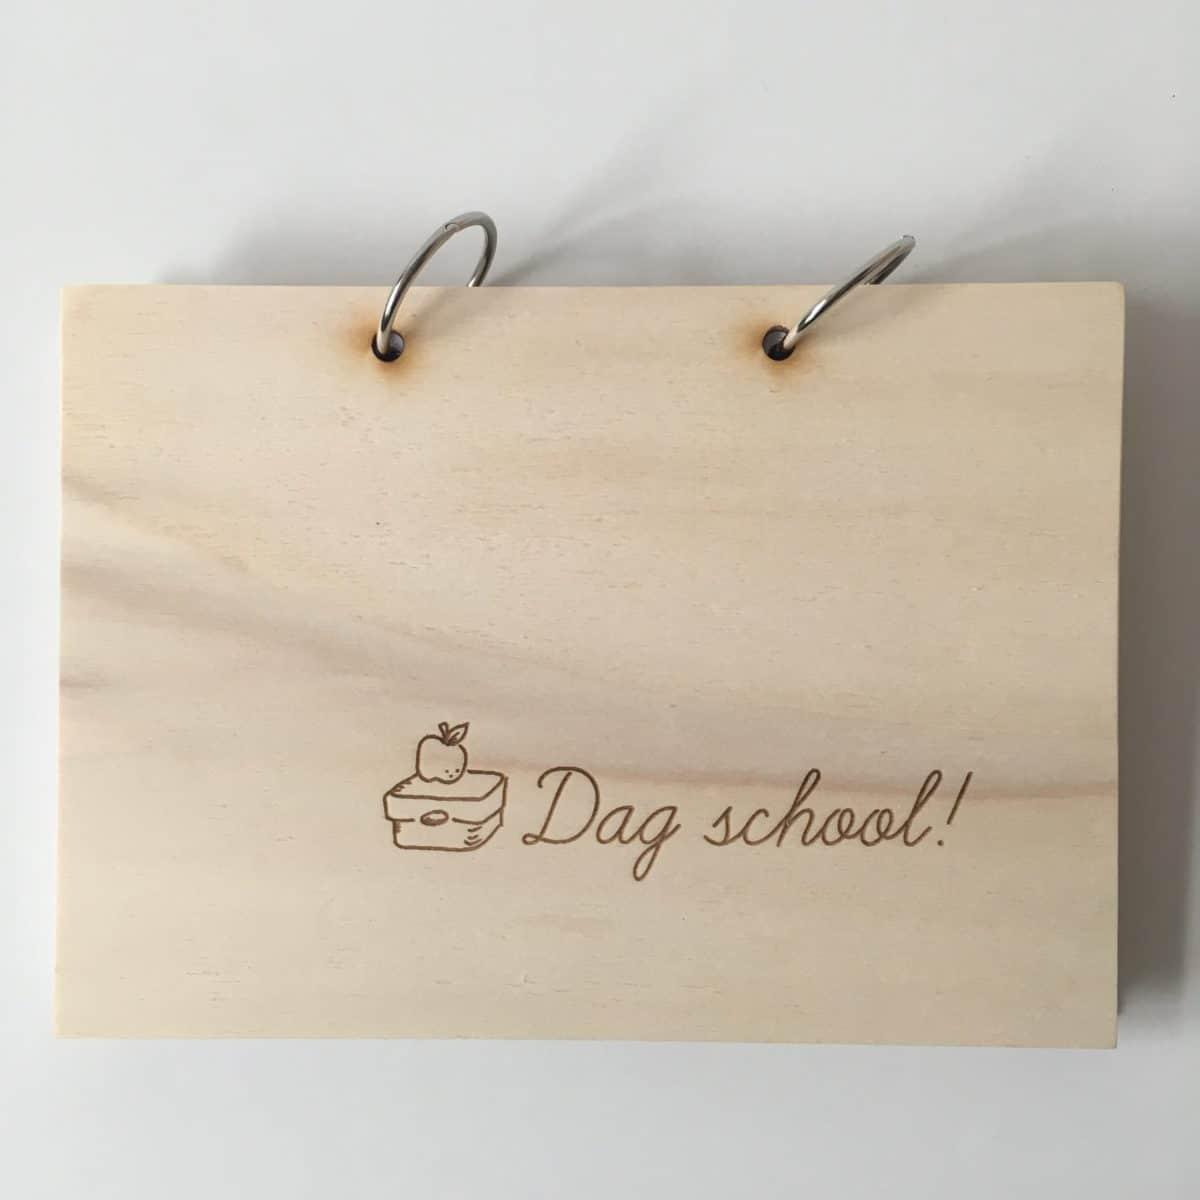 houten dag school boek afscheid groep 8 basisschool